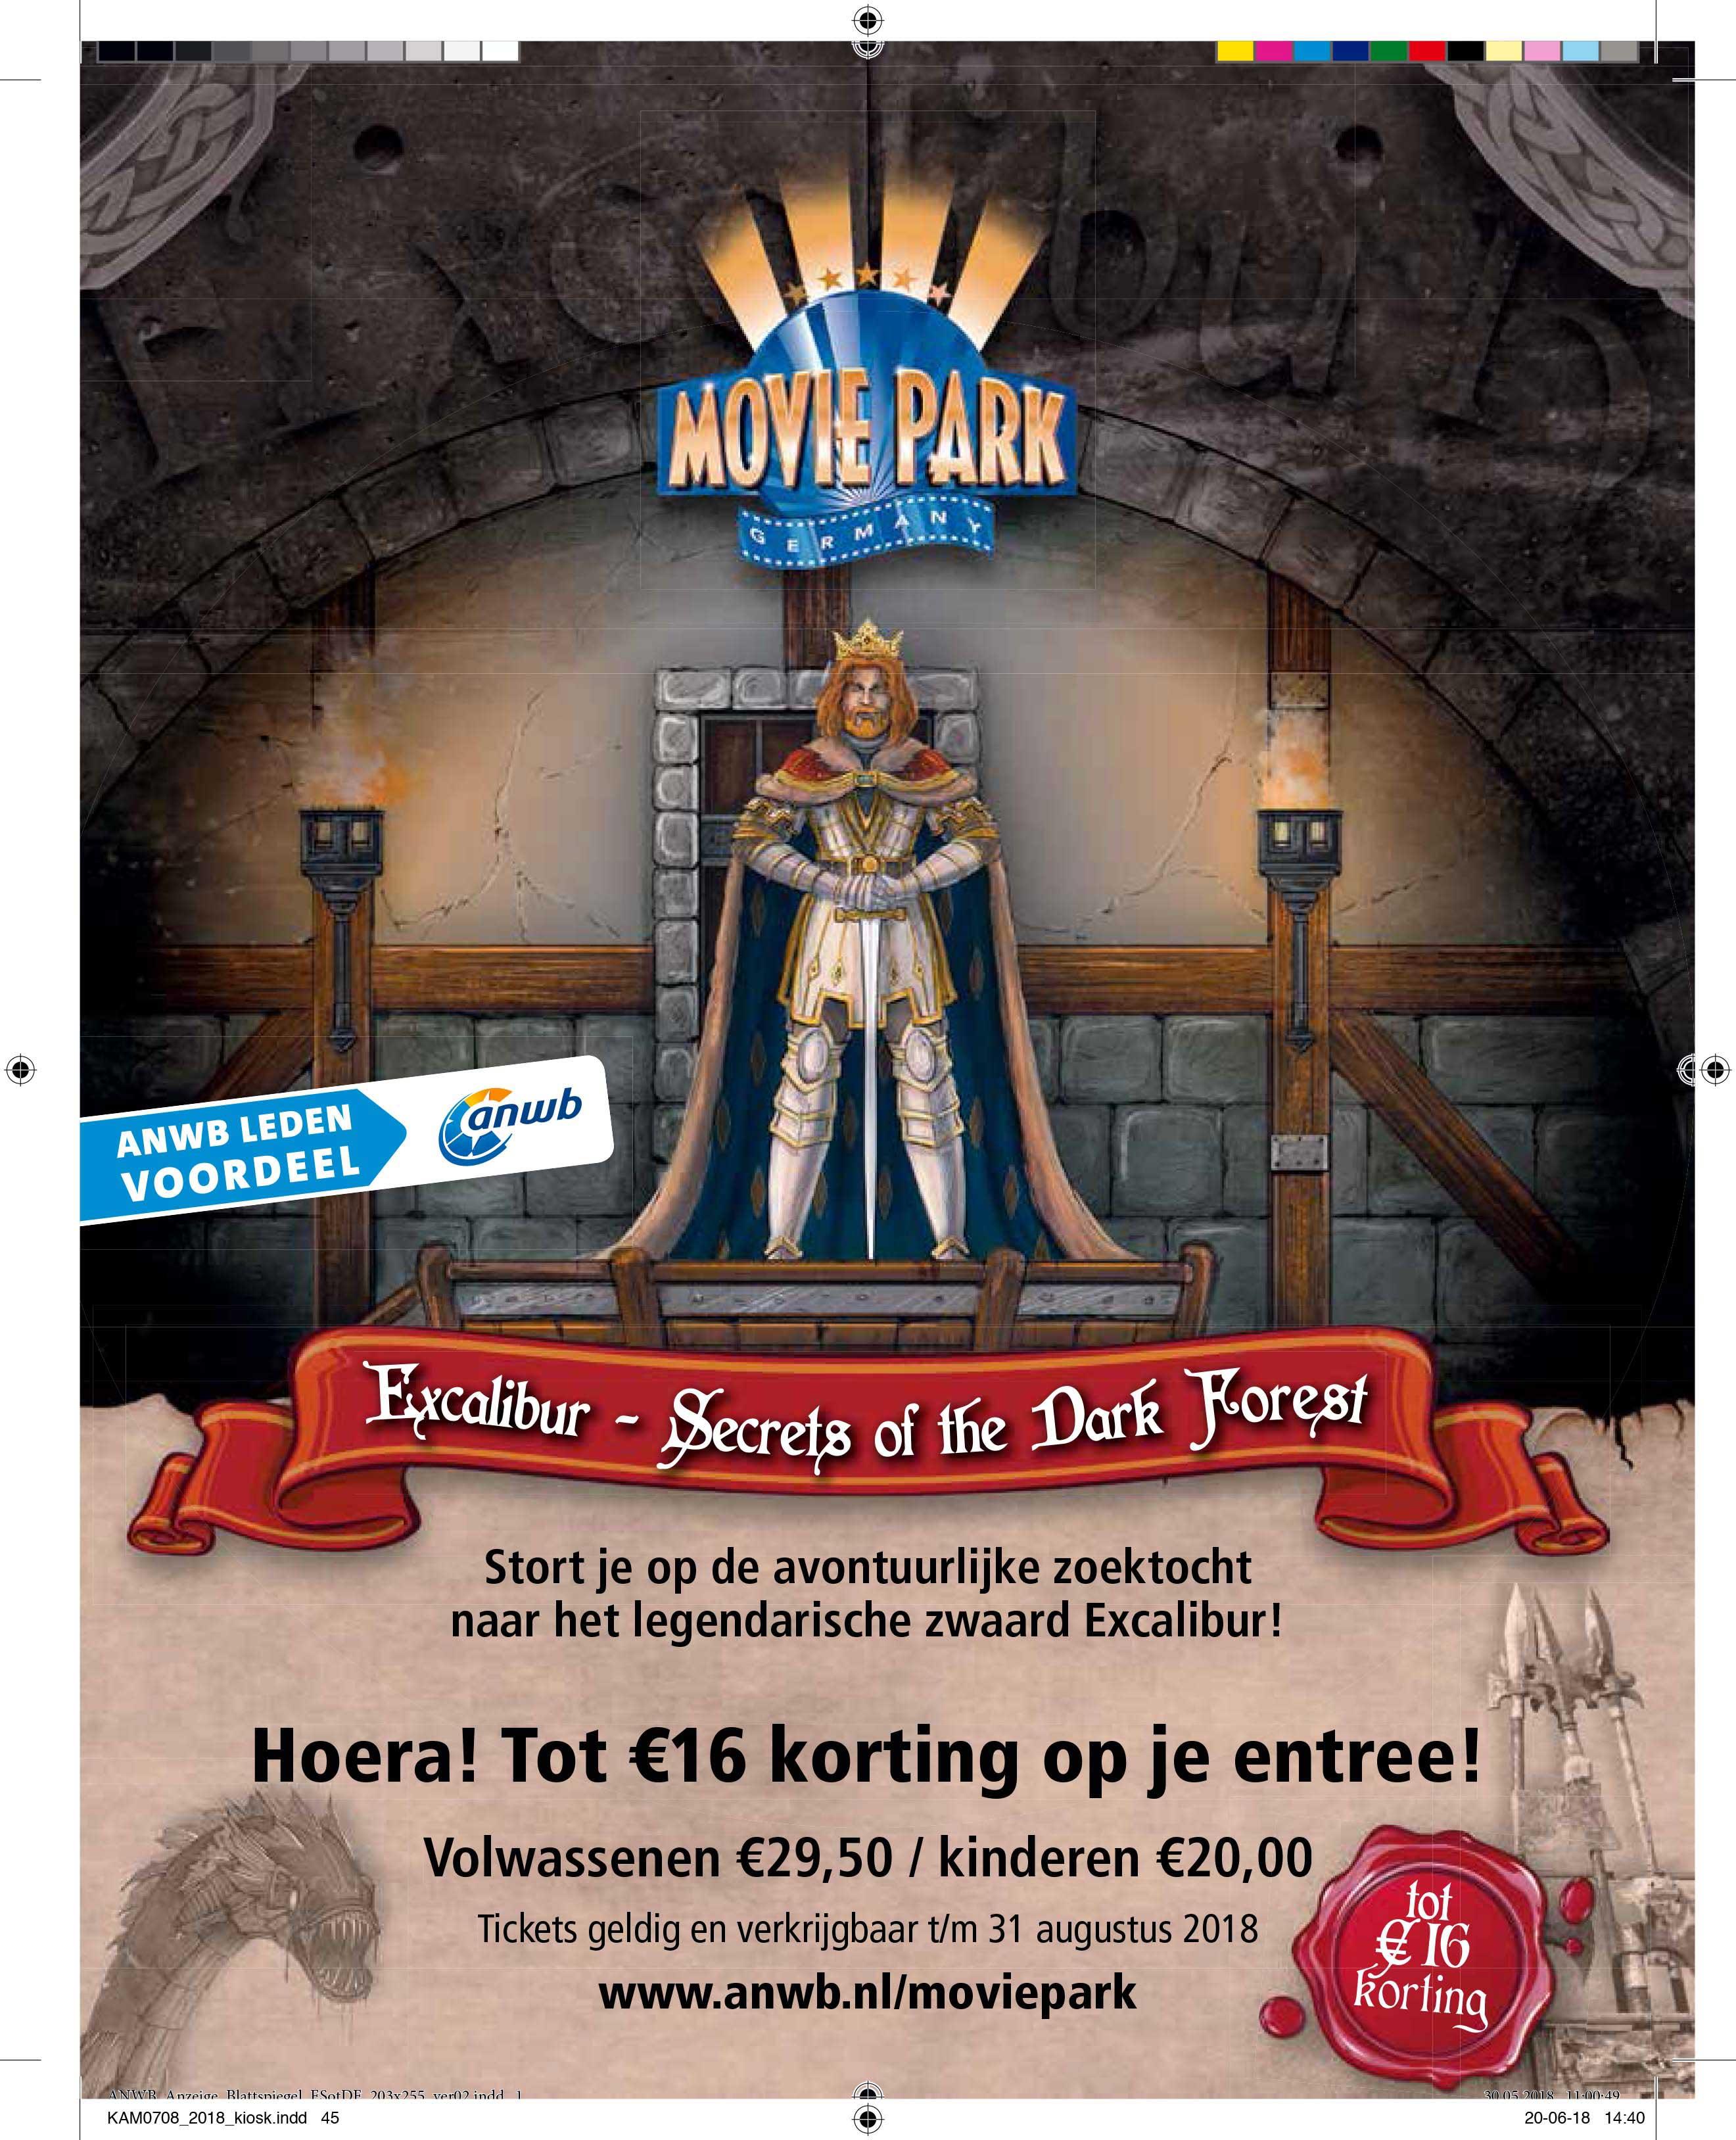 ANWB Movie Park Germany: Tot €16,- Korting Op Je Entree